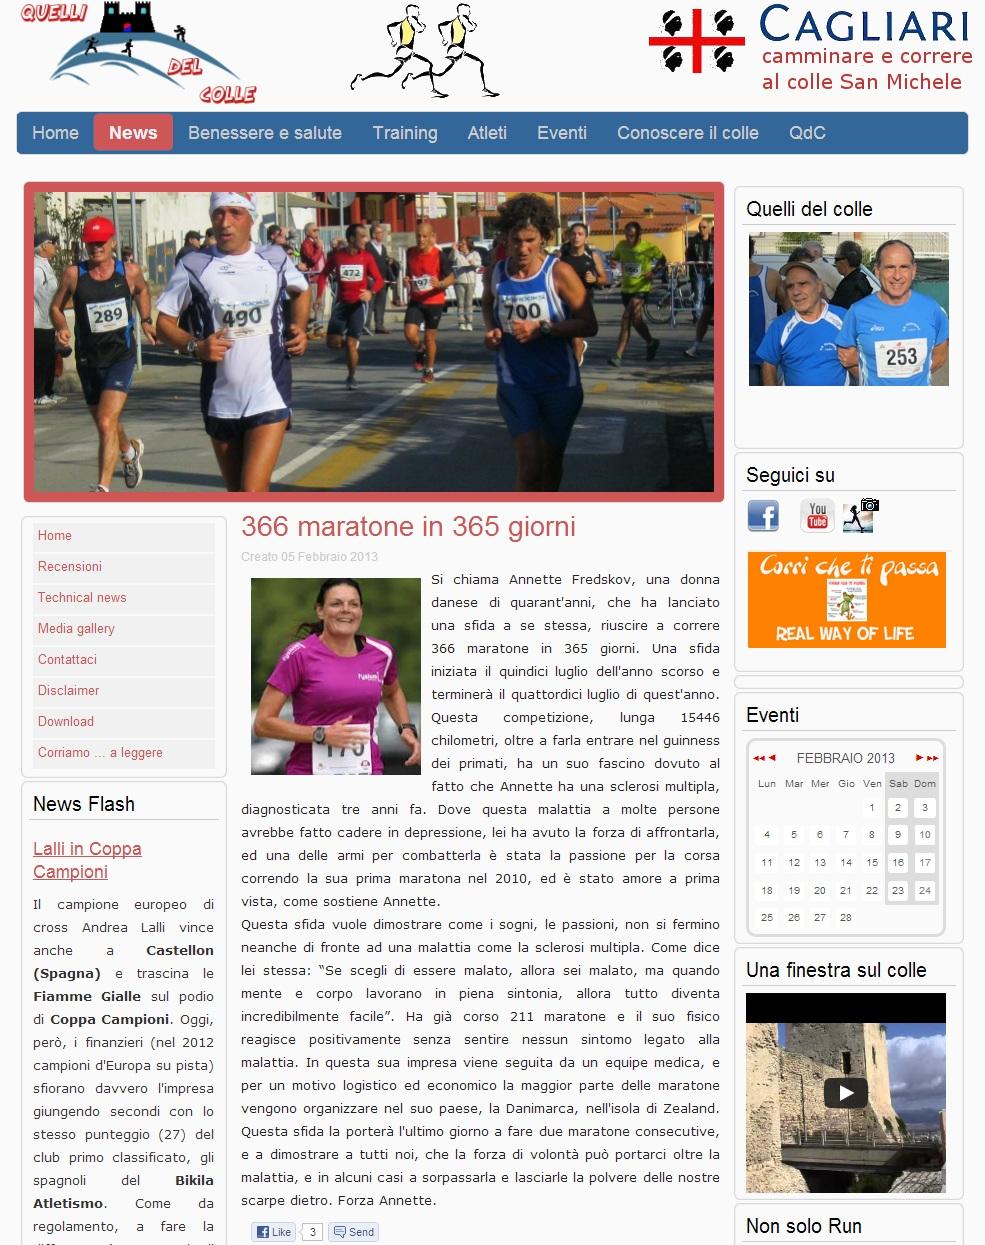 quellidelcollesm.altervista.org 2013.02.05 italiensk